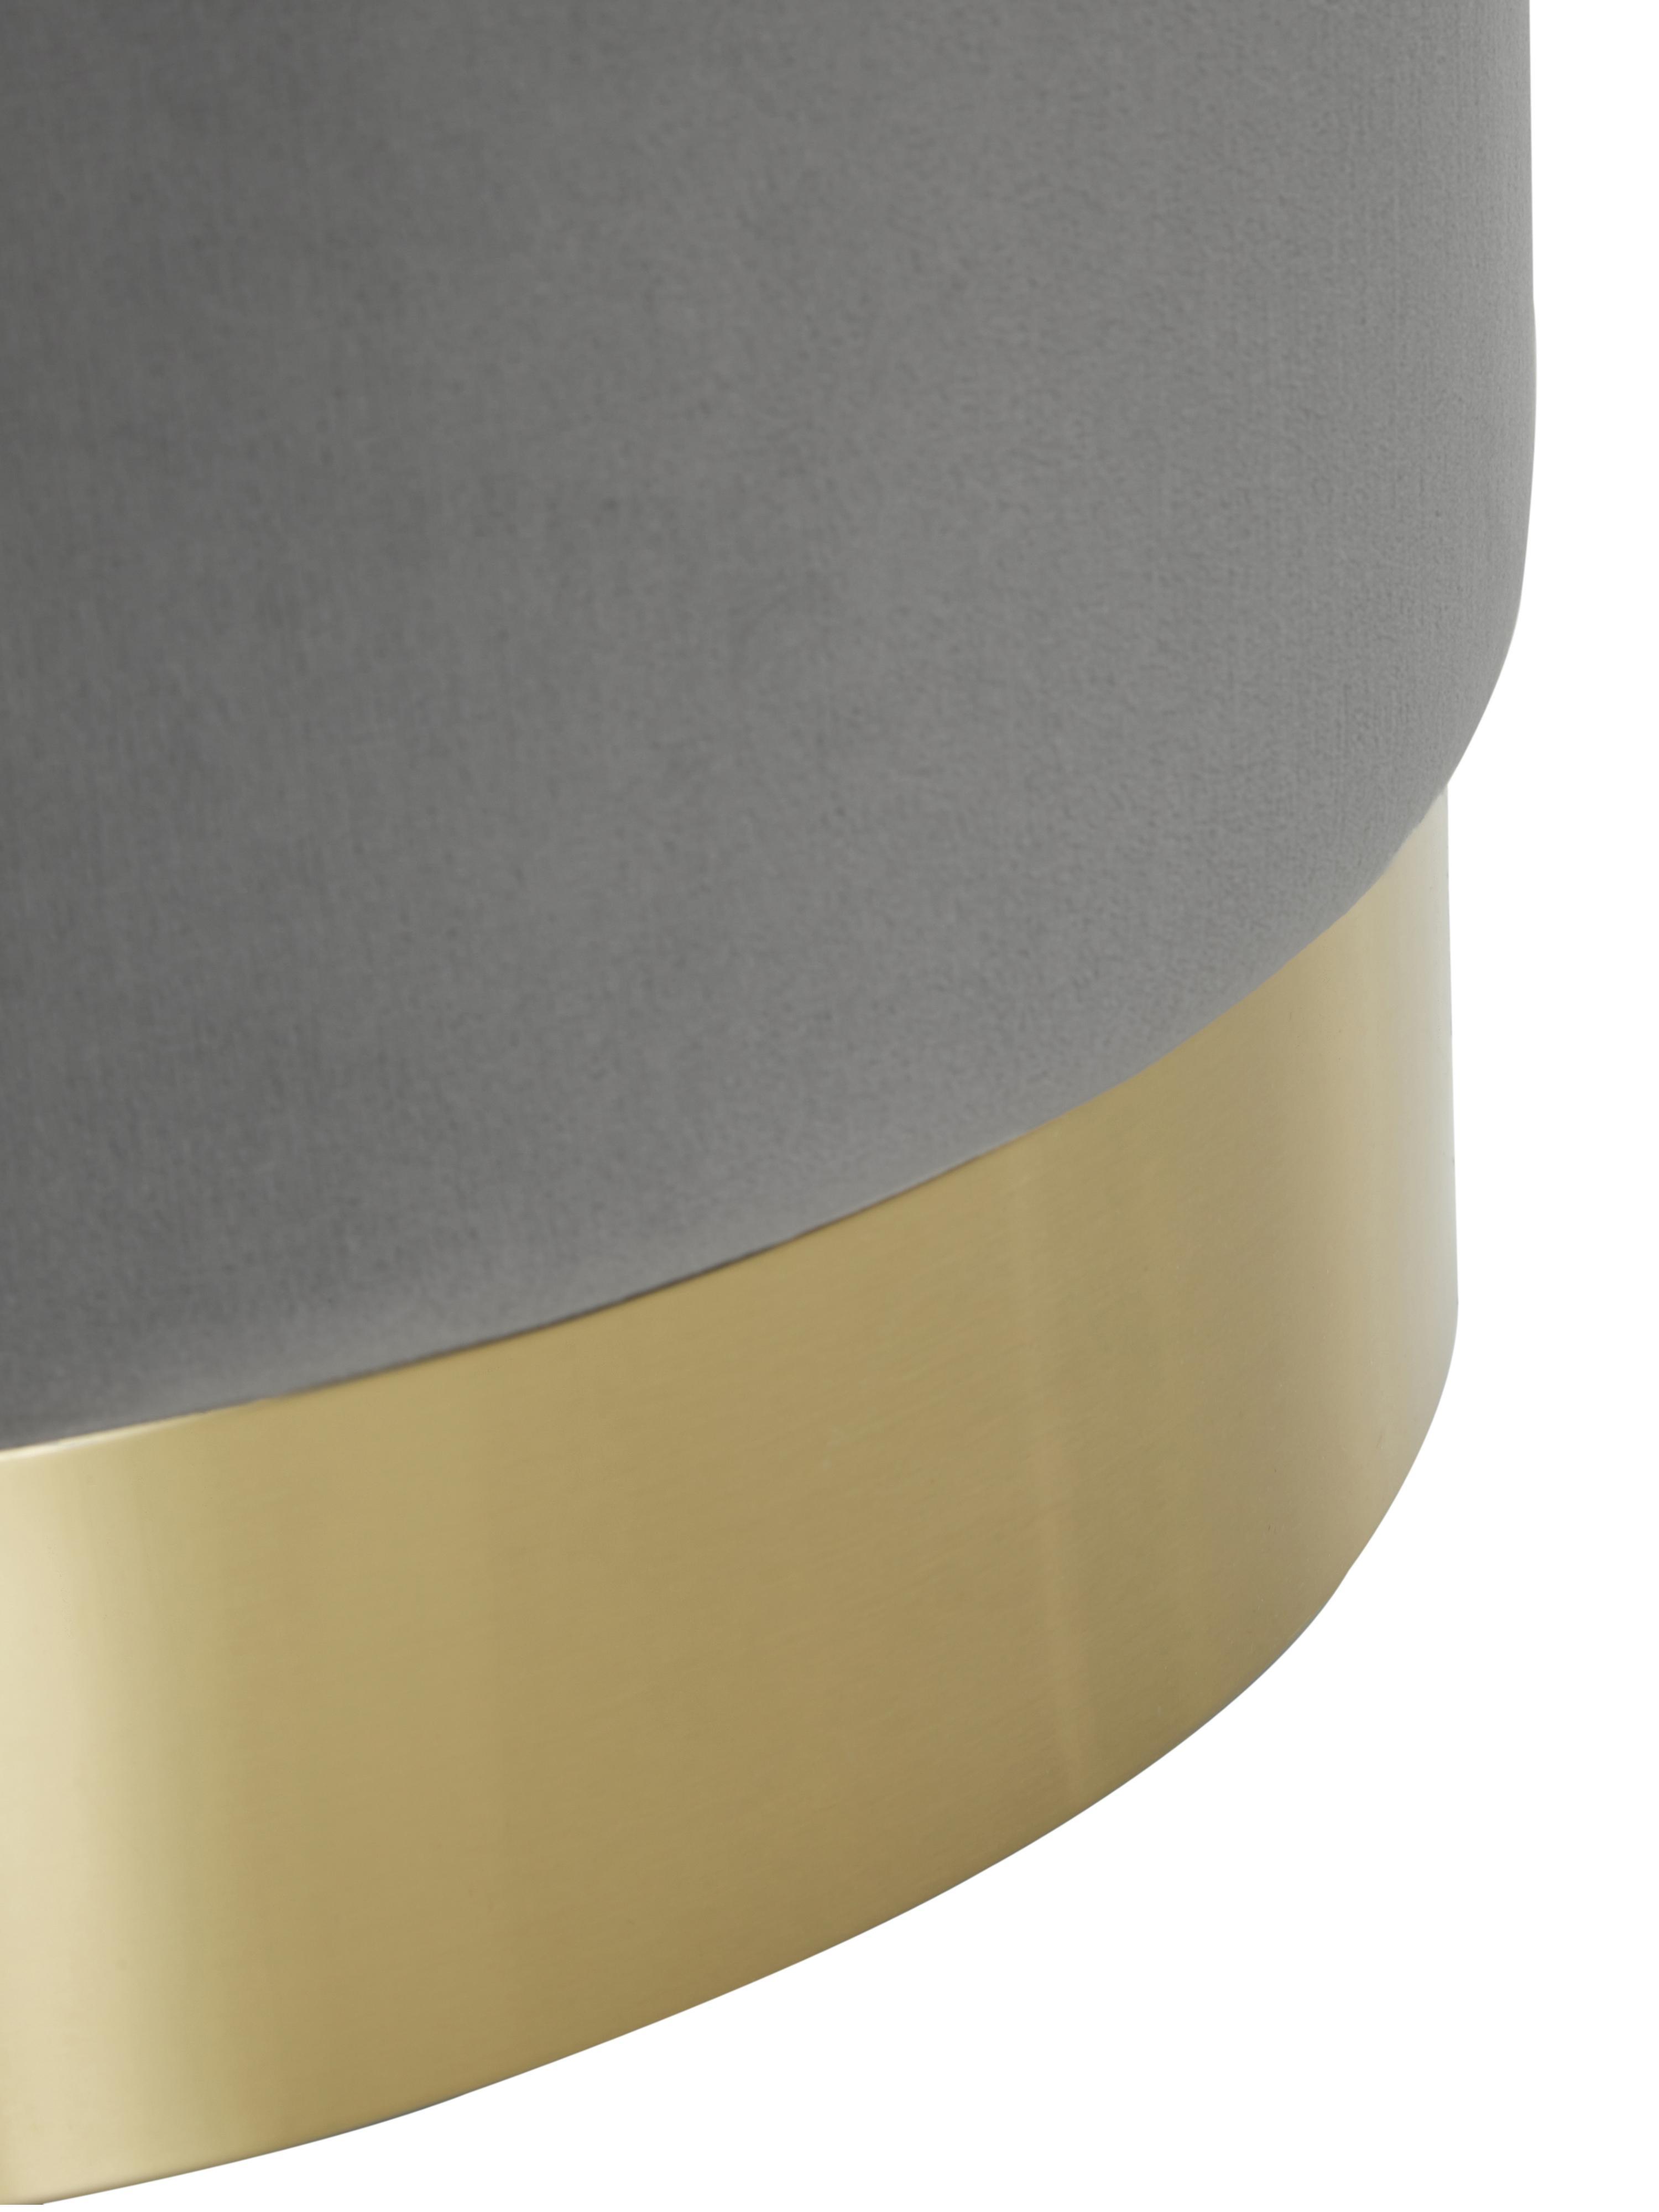 Fluwelen poef Orchid, Bekleding: fluweel (polyester), Frame: multiplex, Voet: gecoat metaal, Bekleding: grijs. Voet: goudkleurig, Ø 40 x H 39 cm